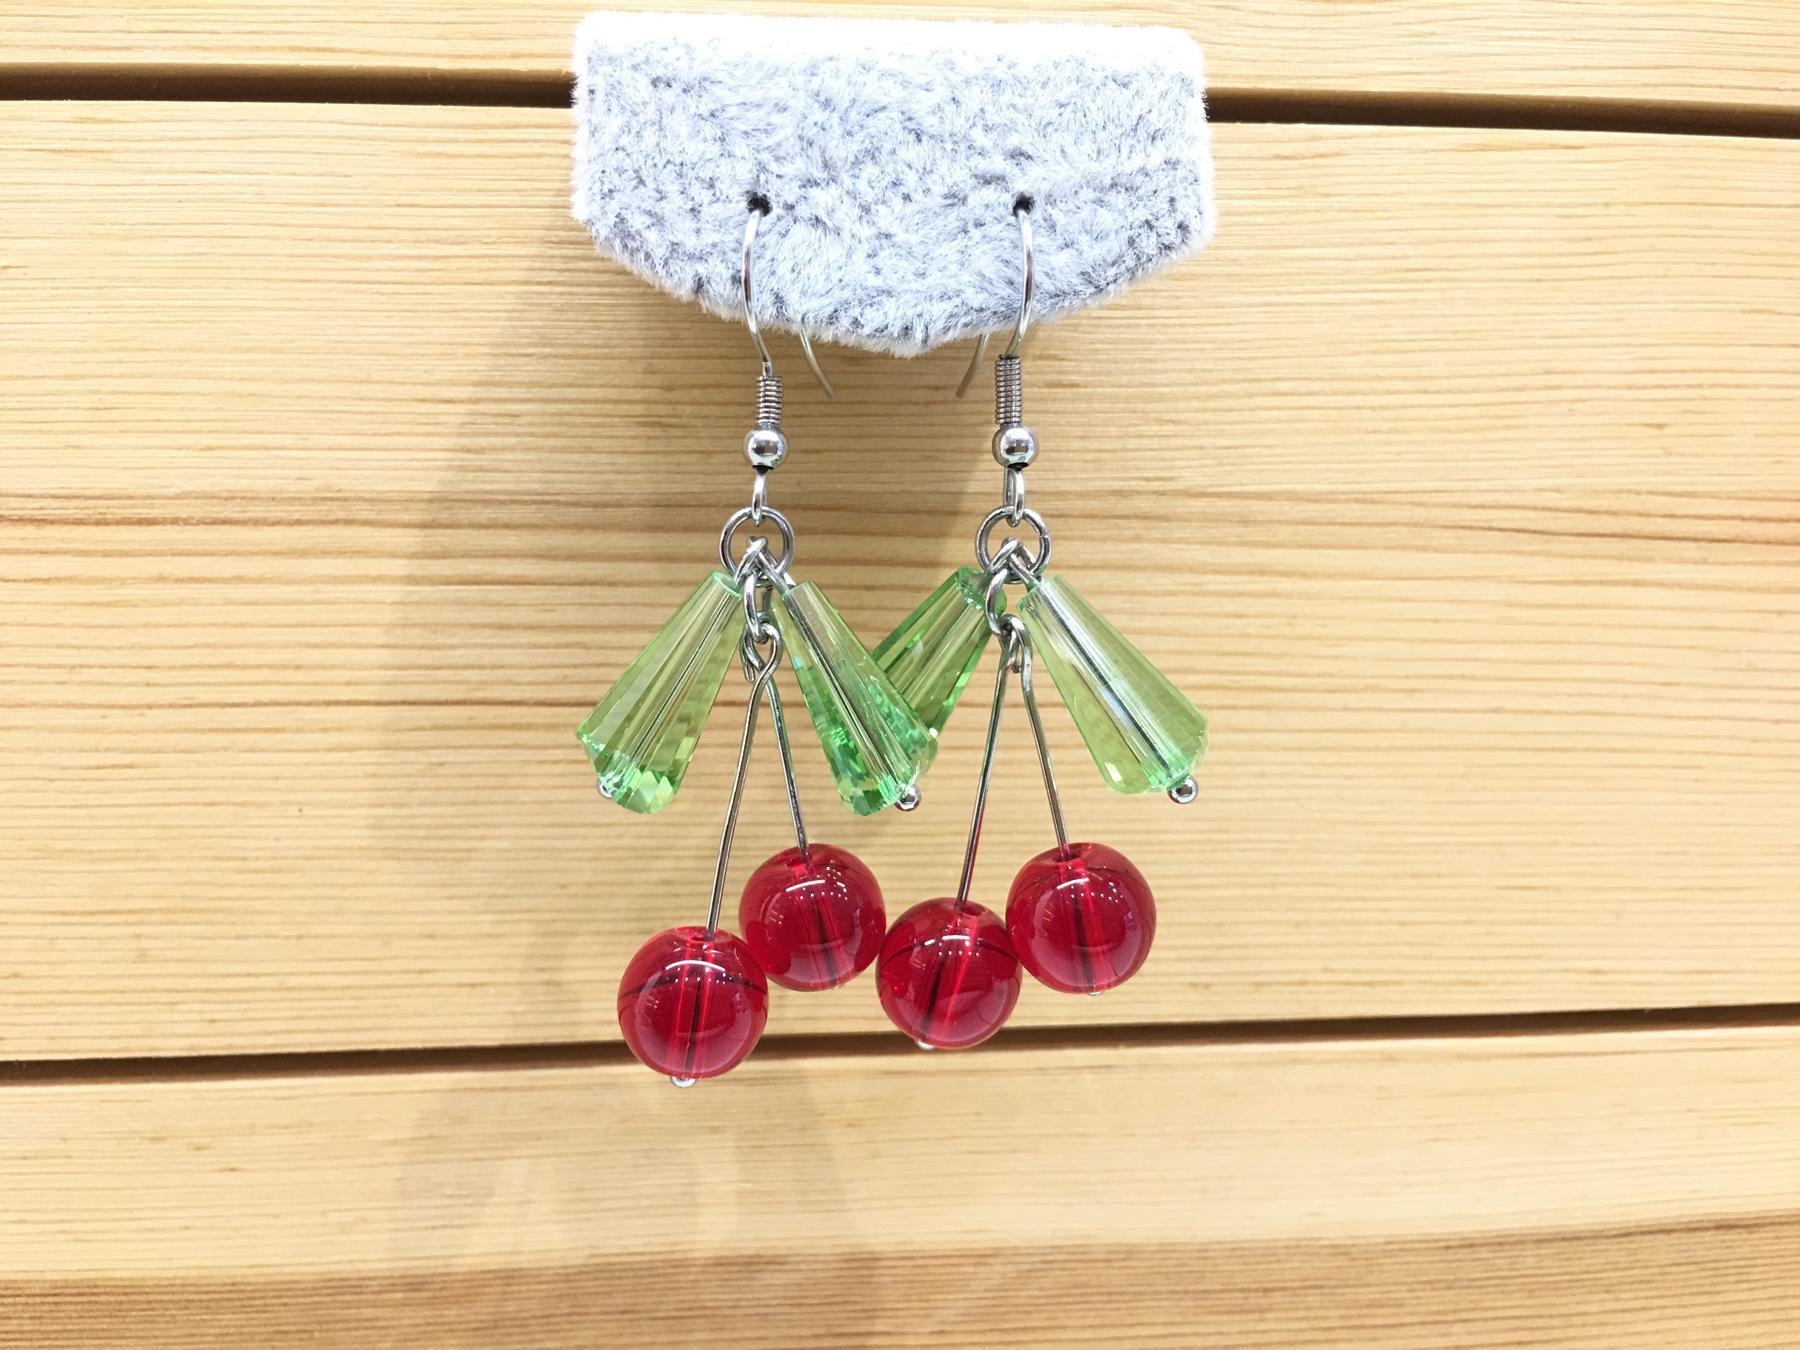 Alasu Earrings small cherry sweet joy small fresh style earrings beautiful lovely